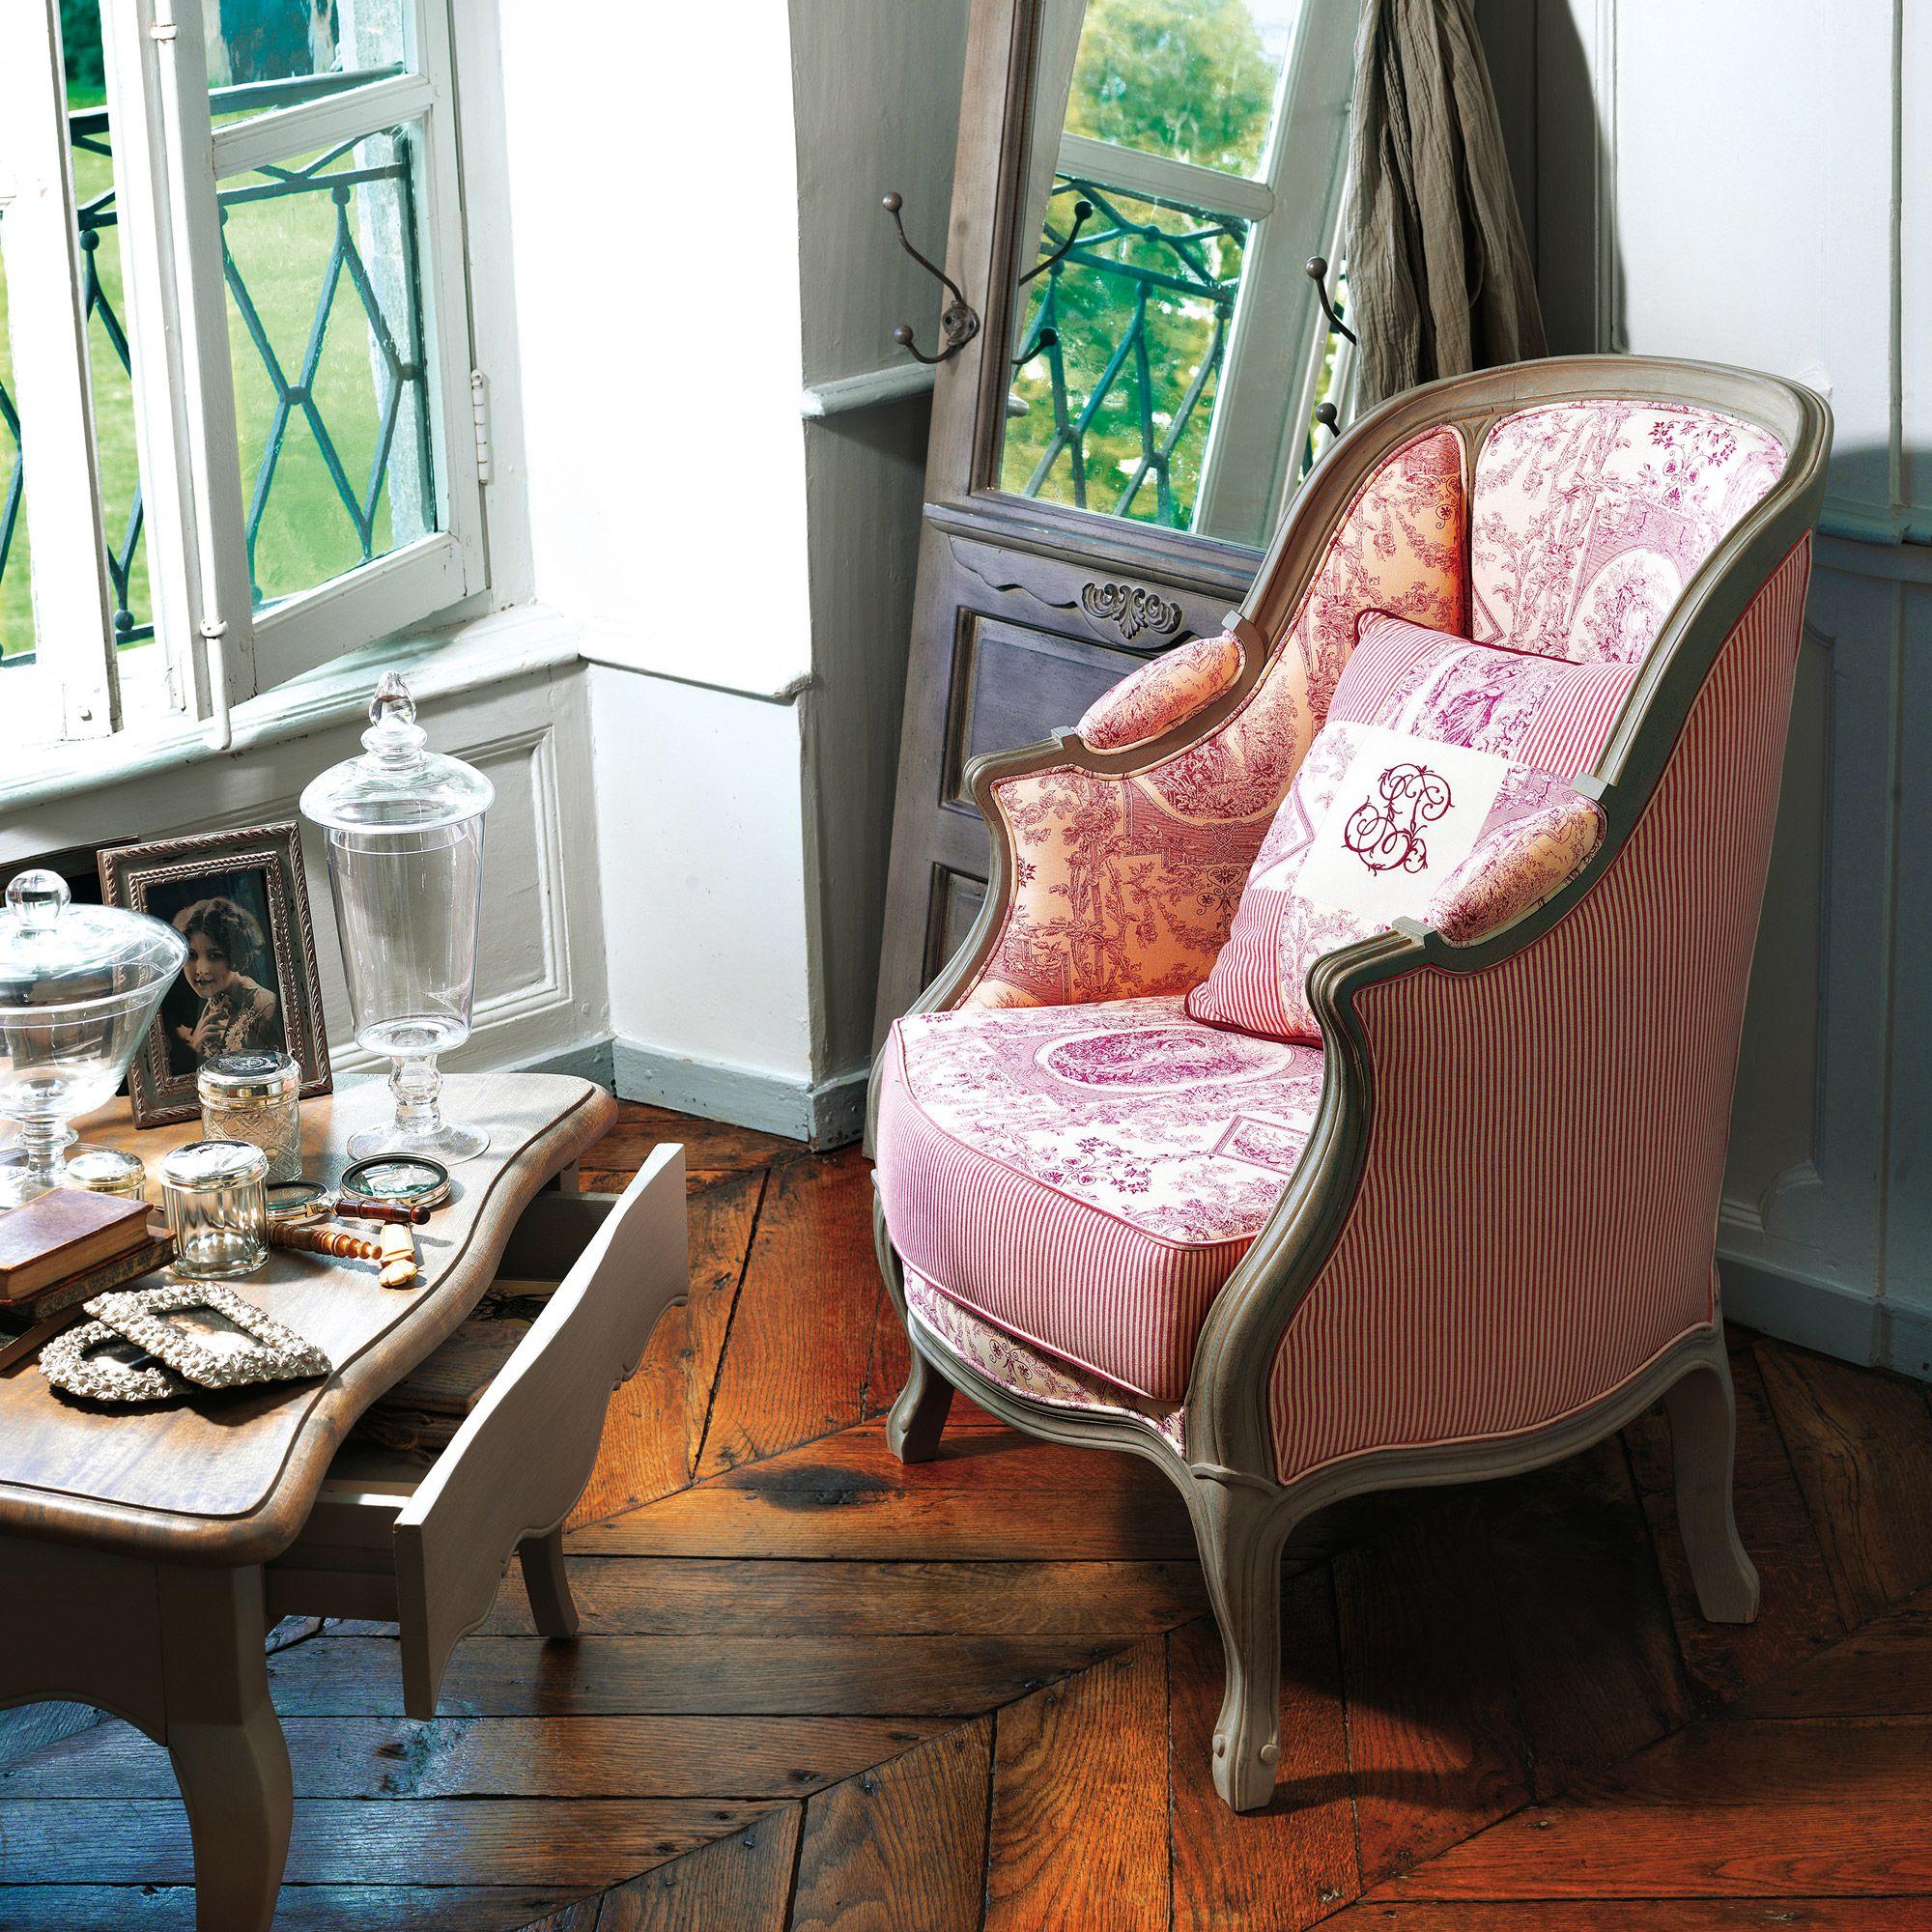 fauteuil berg re tapiss e 100 coton romantique pinterest. Black Bedroom Furniture Sets. Home Design Ideas